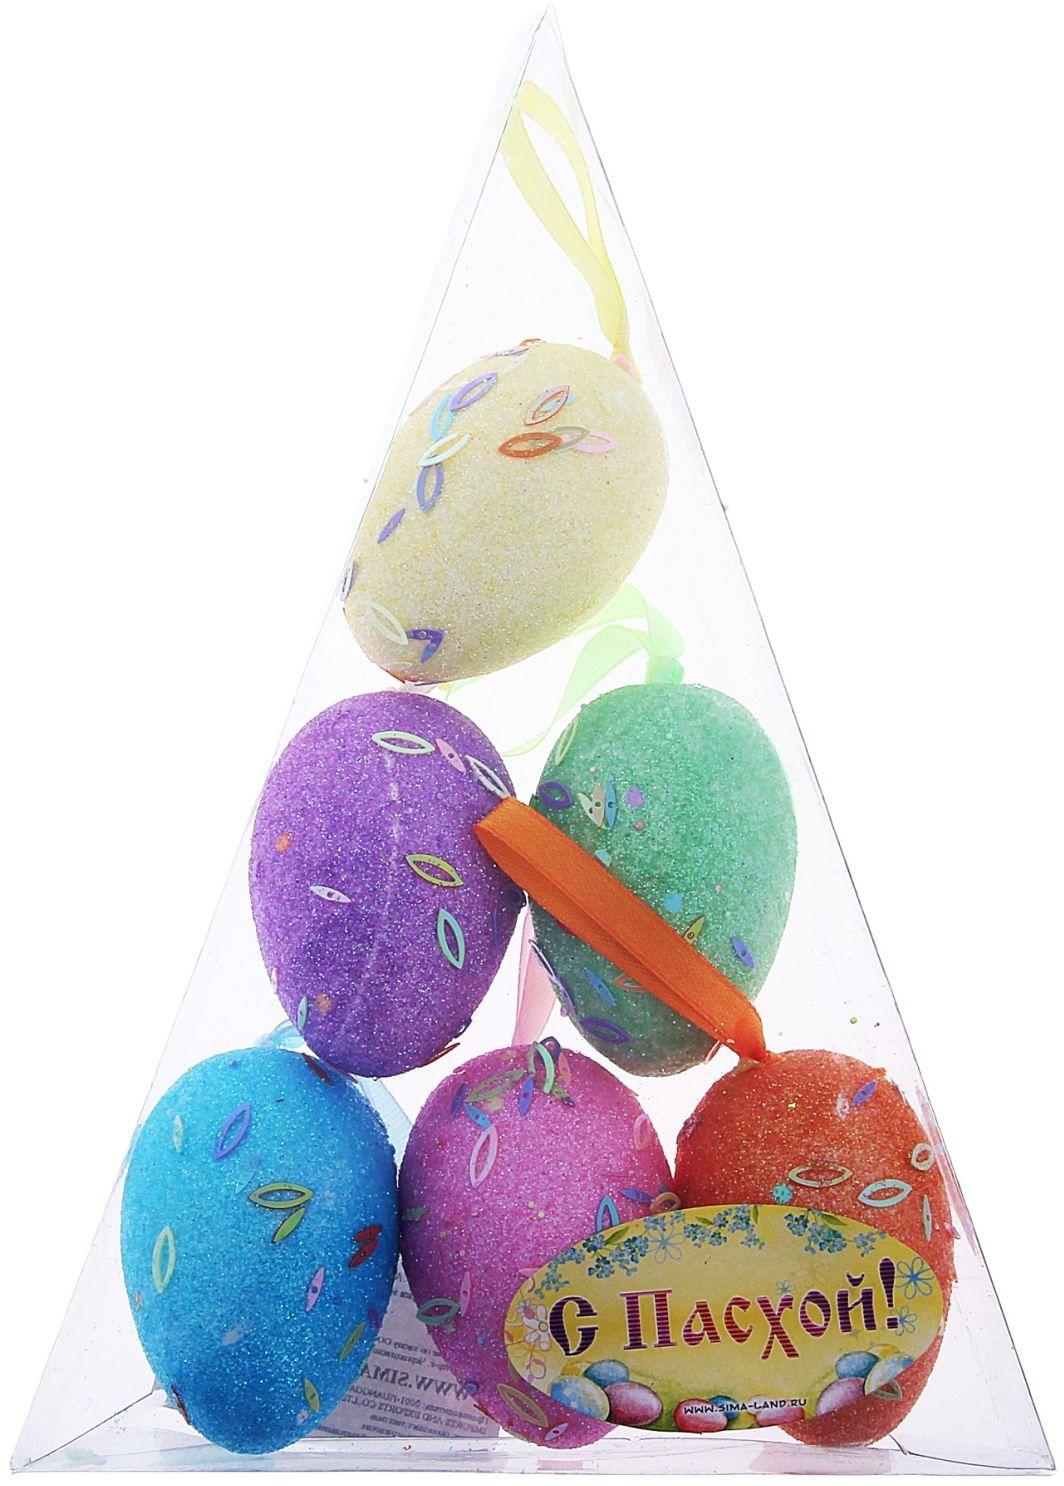 Сувенир пасхальный Sima-land Яйцо. Пайетки, 4 х 6 см, 6 шт114775Яйцо - это главный пасхальный символ, который символизирует для христиан новую жизнь и возрождение, поэтому его присутствие на праздничном столе является обязательным элементом во многих странах.Сегодня крашеными яйцами принято не только украшать праздничный стол. Если вы решили серьёзно подойти к декору квартиры, и вам нужно, например, подвесить яйца, закрепить на веточках, в этом вам поможет сувенир - пасхальное яйцо Пайетки (набор 6 шт) - очаровательный символ, который покорит сердце каждого. Можете уложить эти чудесные яйца в плетёную корзинку, на красивую салфетку, и перед вами уже готовый подарок или композиция для сервировки стола. Приобретая такой сувенир, вы сэкономите кучу времени на росписи яиц, оставив его на выпечку самого вкусного кулича.